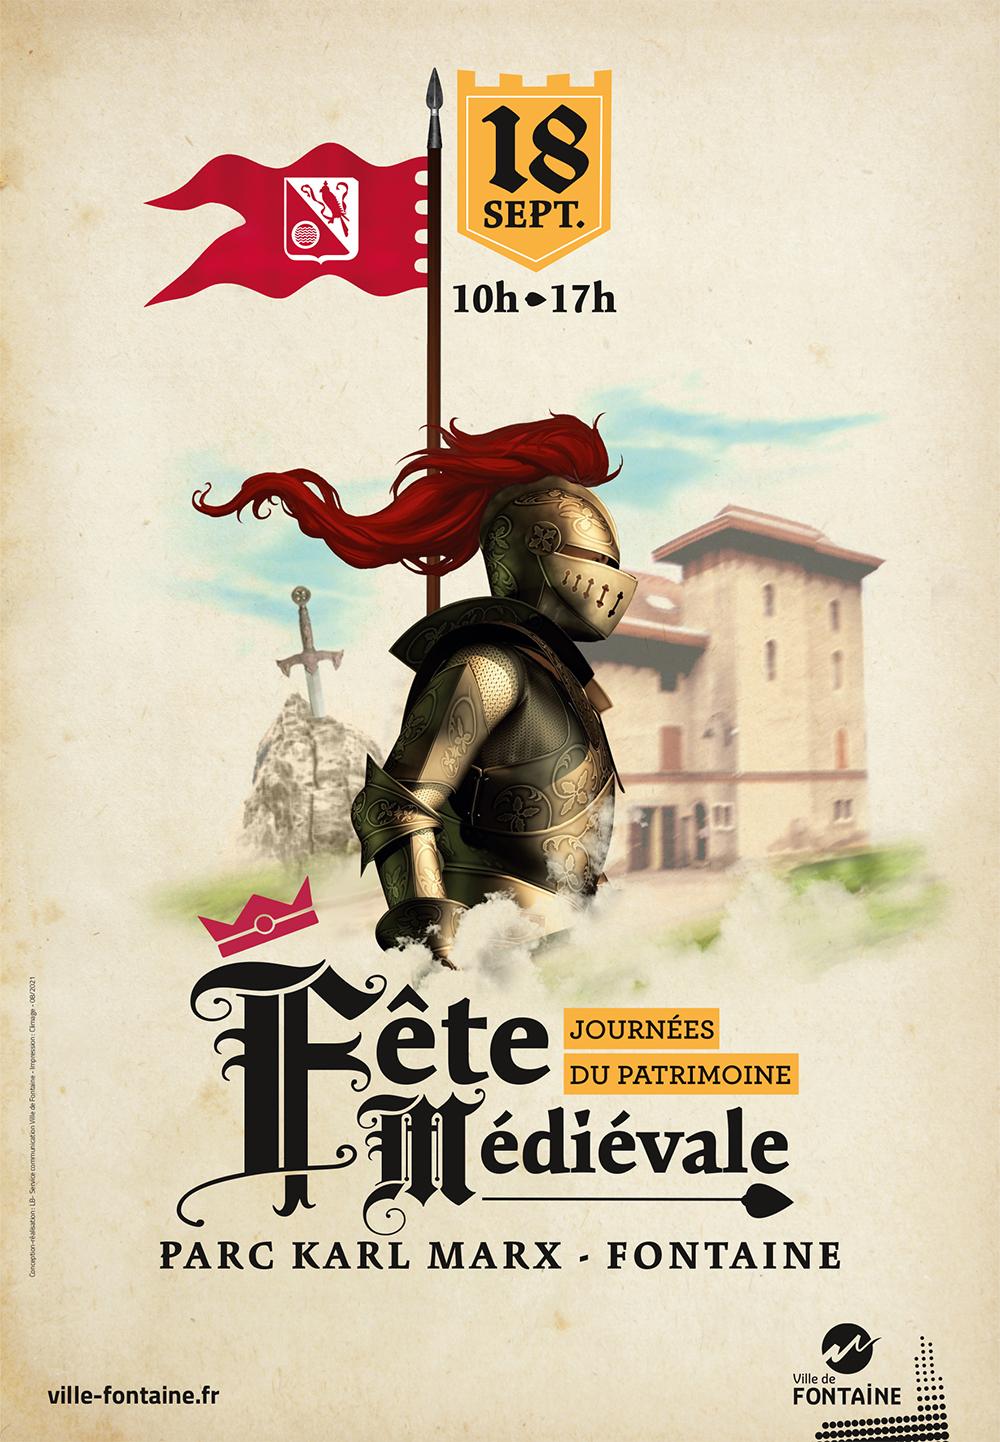 Fête médiévale et journées du patrimoine